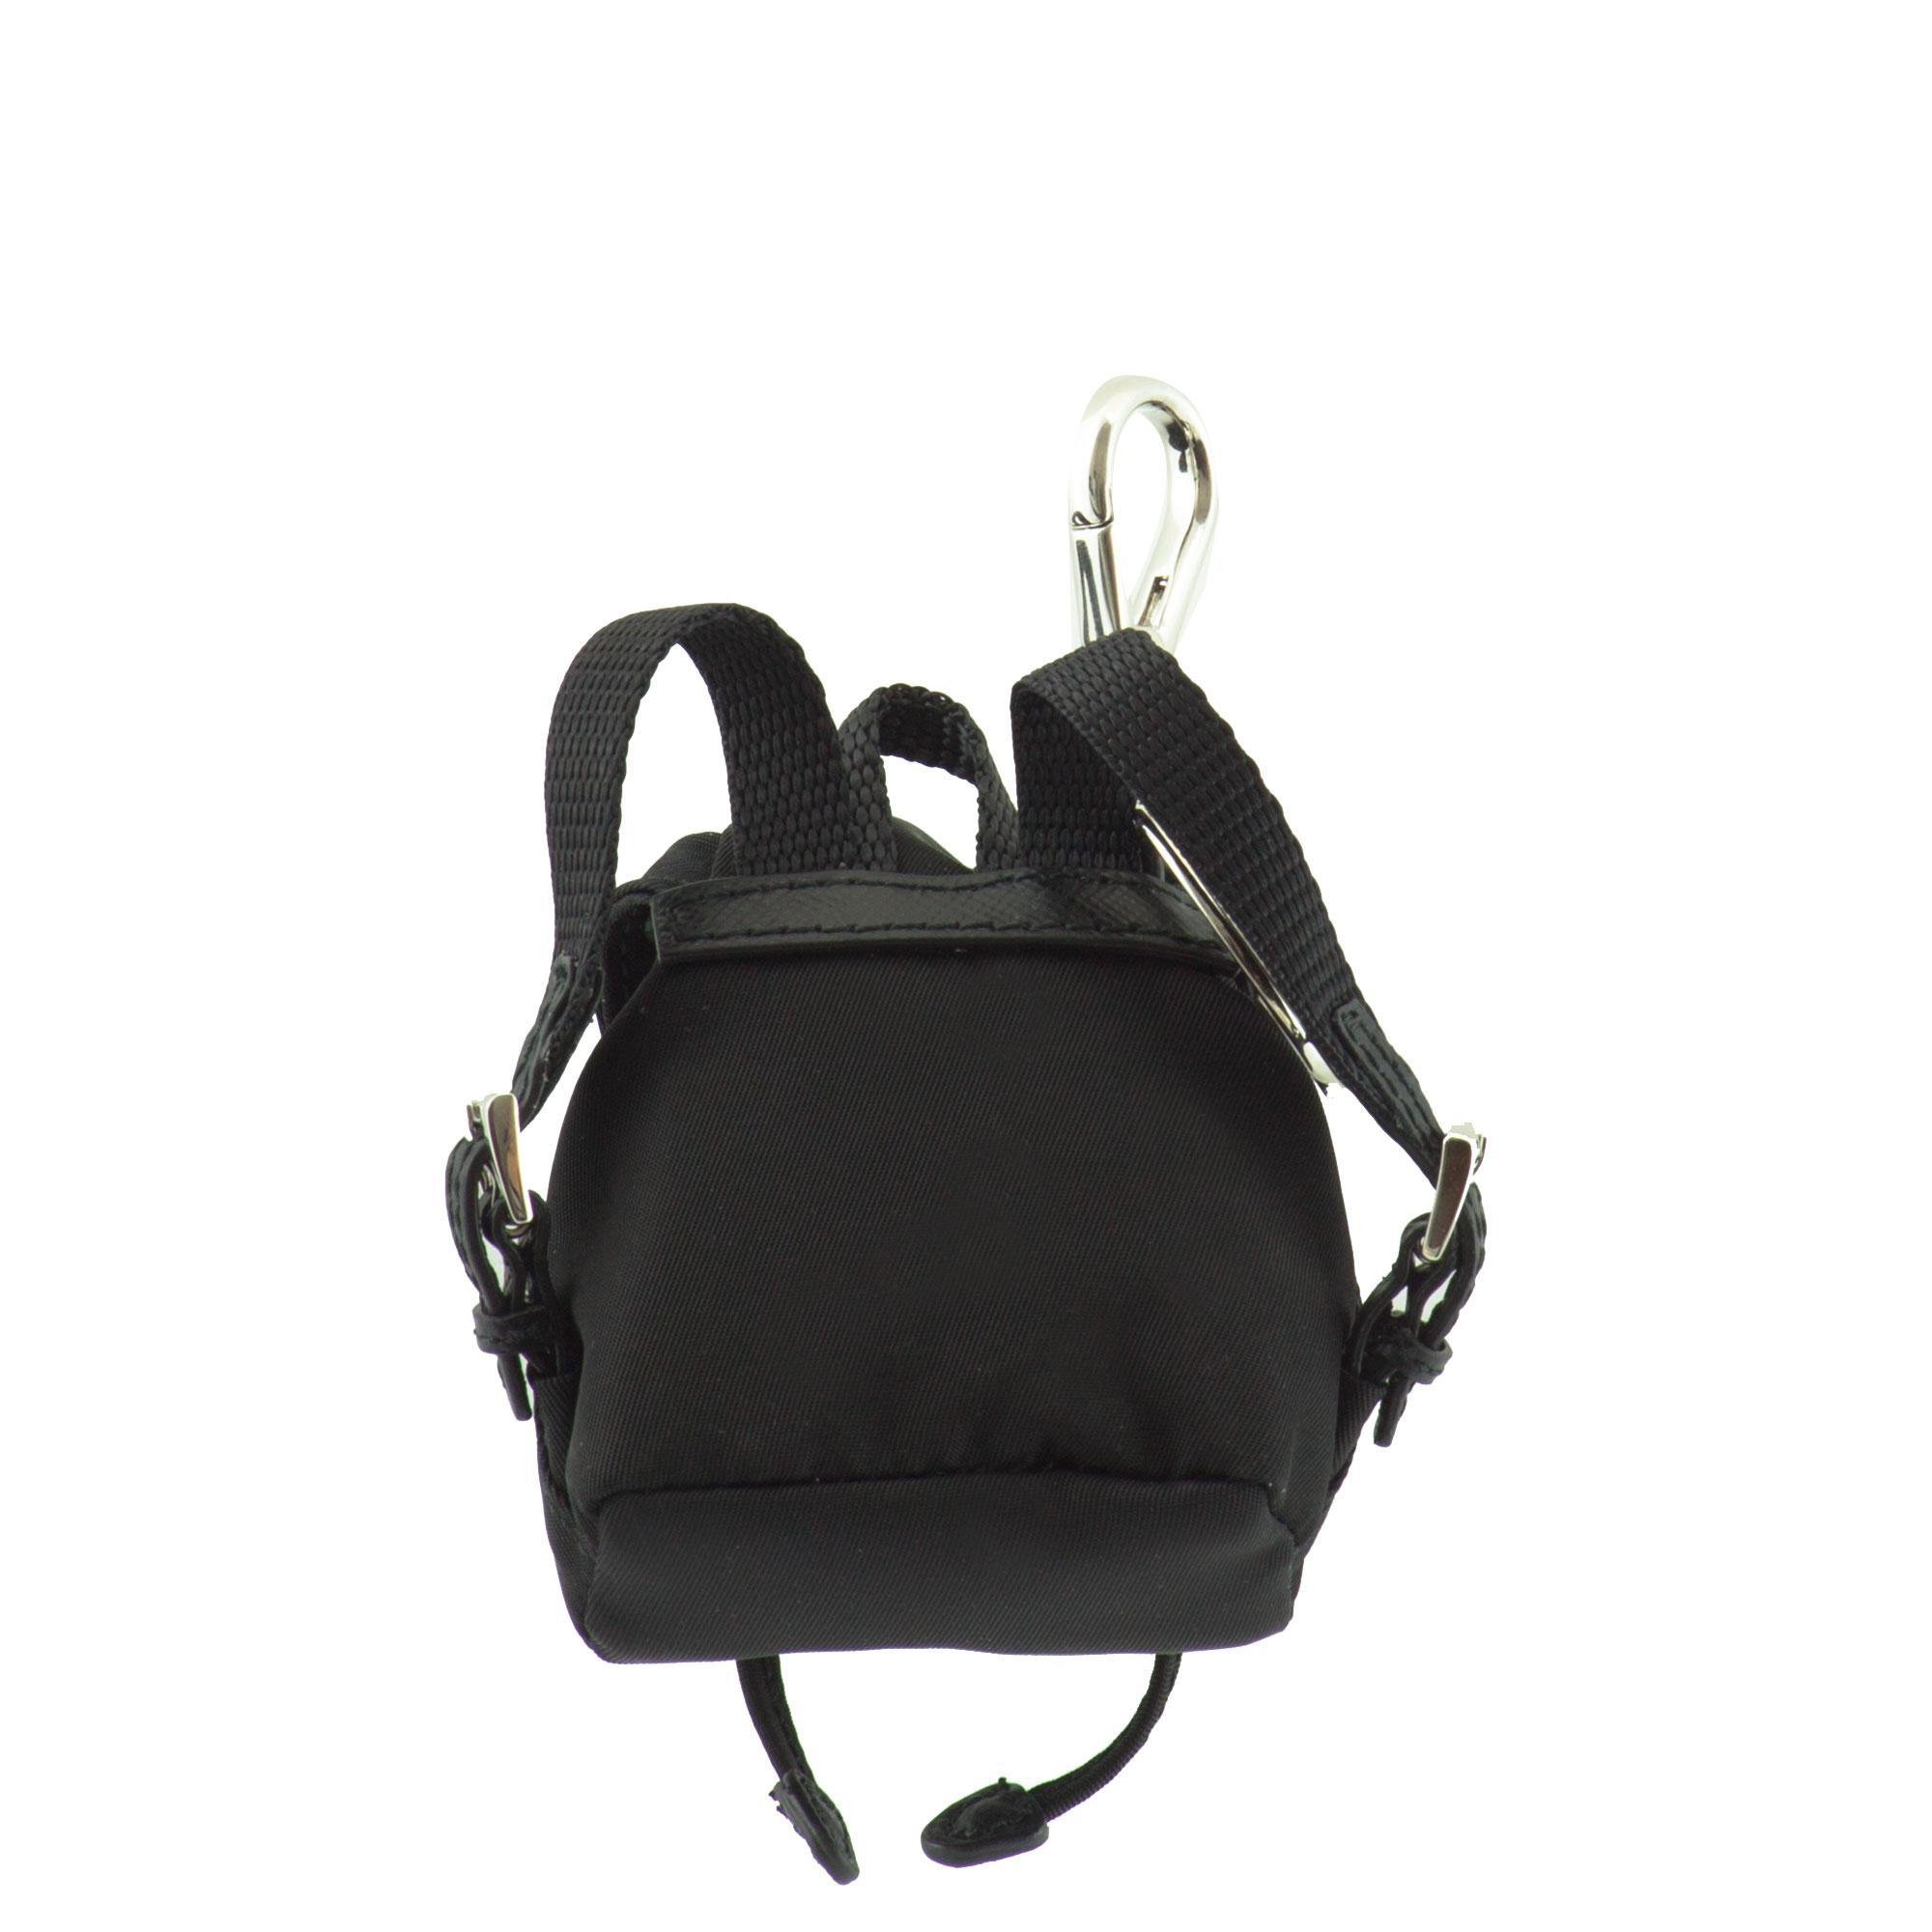 Prada Charm Backpack in Black